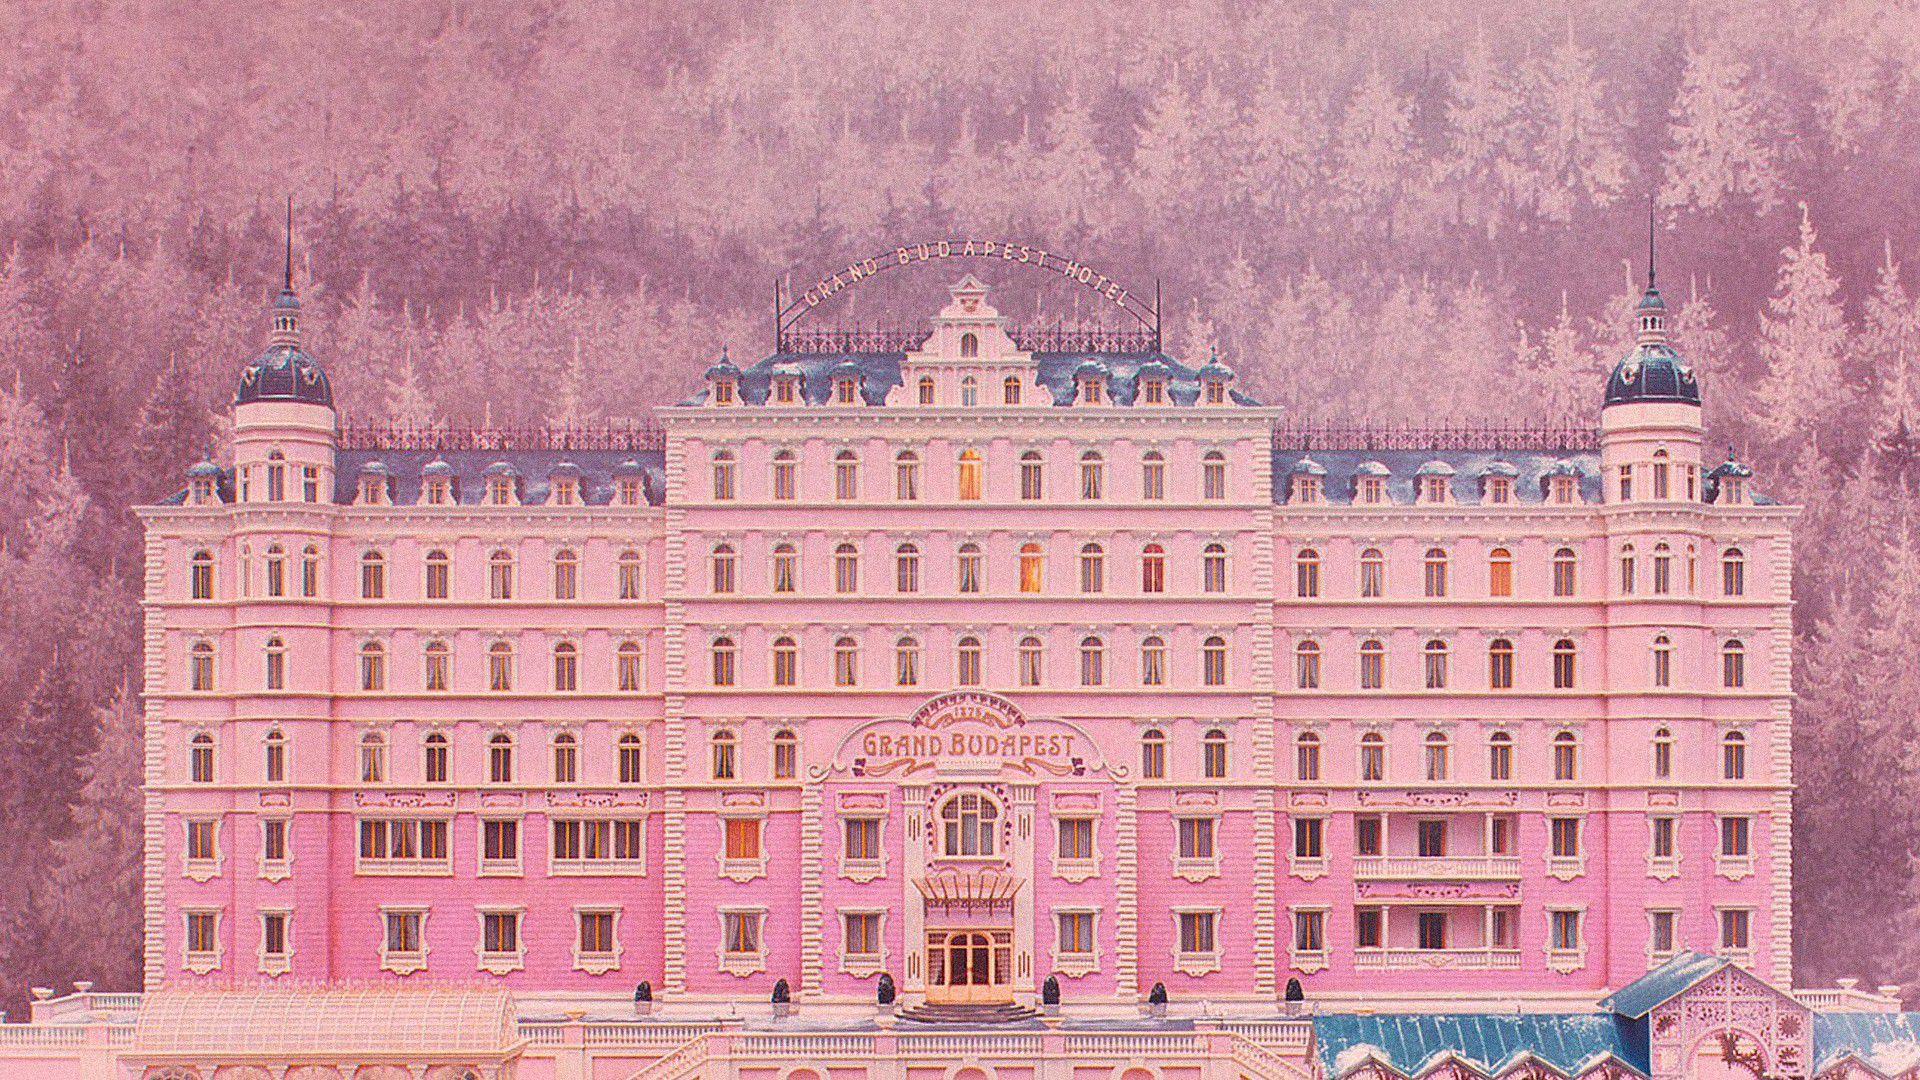 映画「グランド・ブダペスト・ホテル」ロケ地!チェコの歴史あるホテル&ドイツ・ゲルリッツのデパート紹介♪